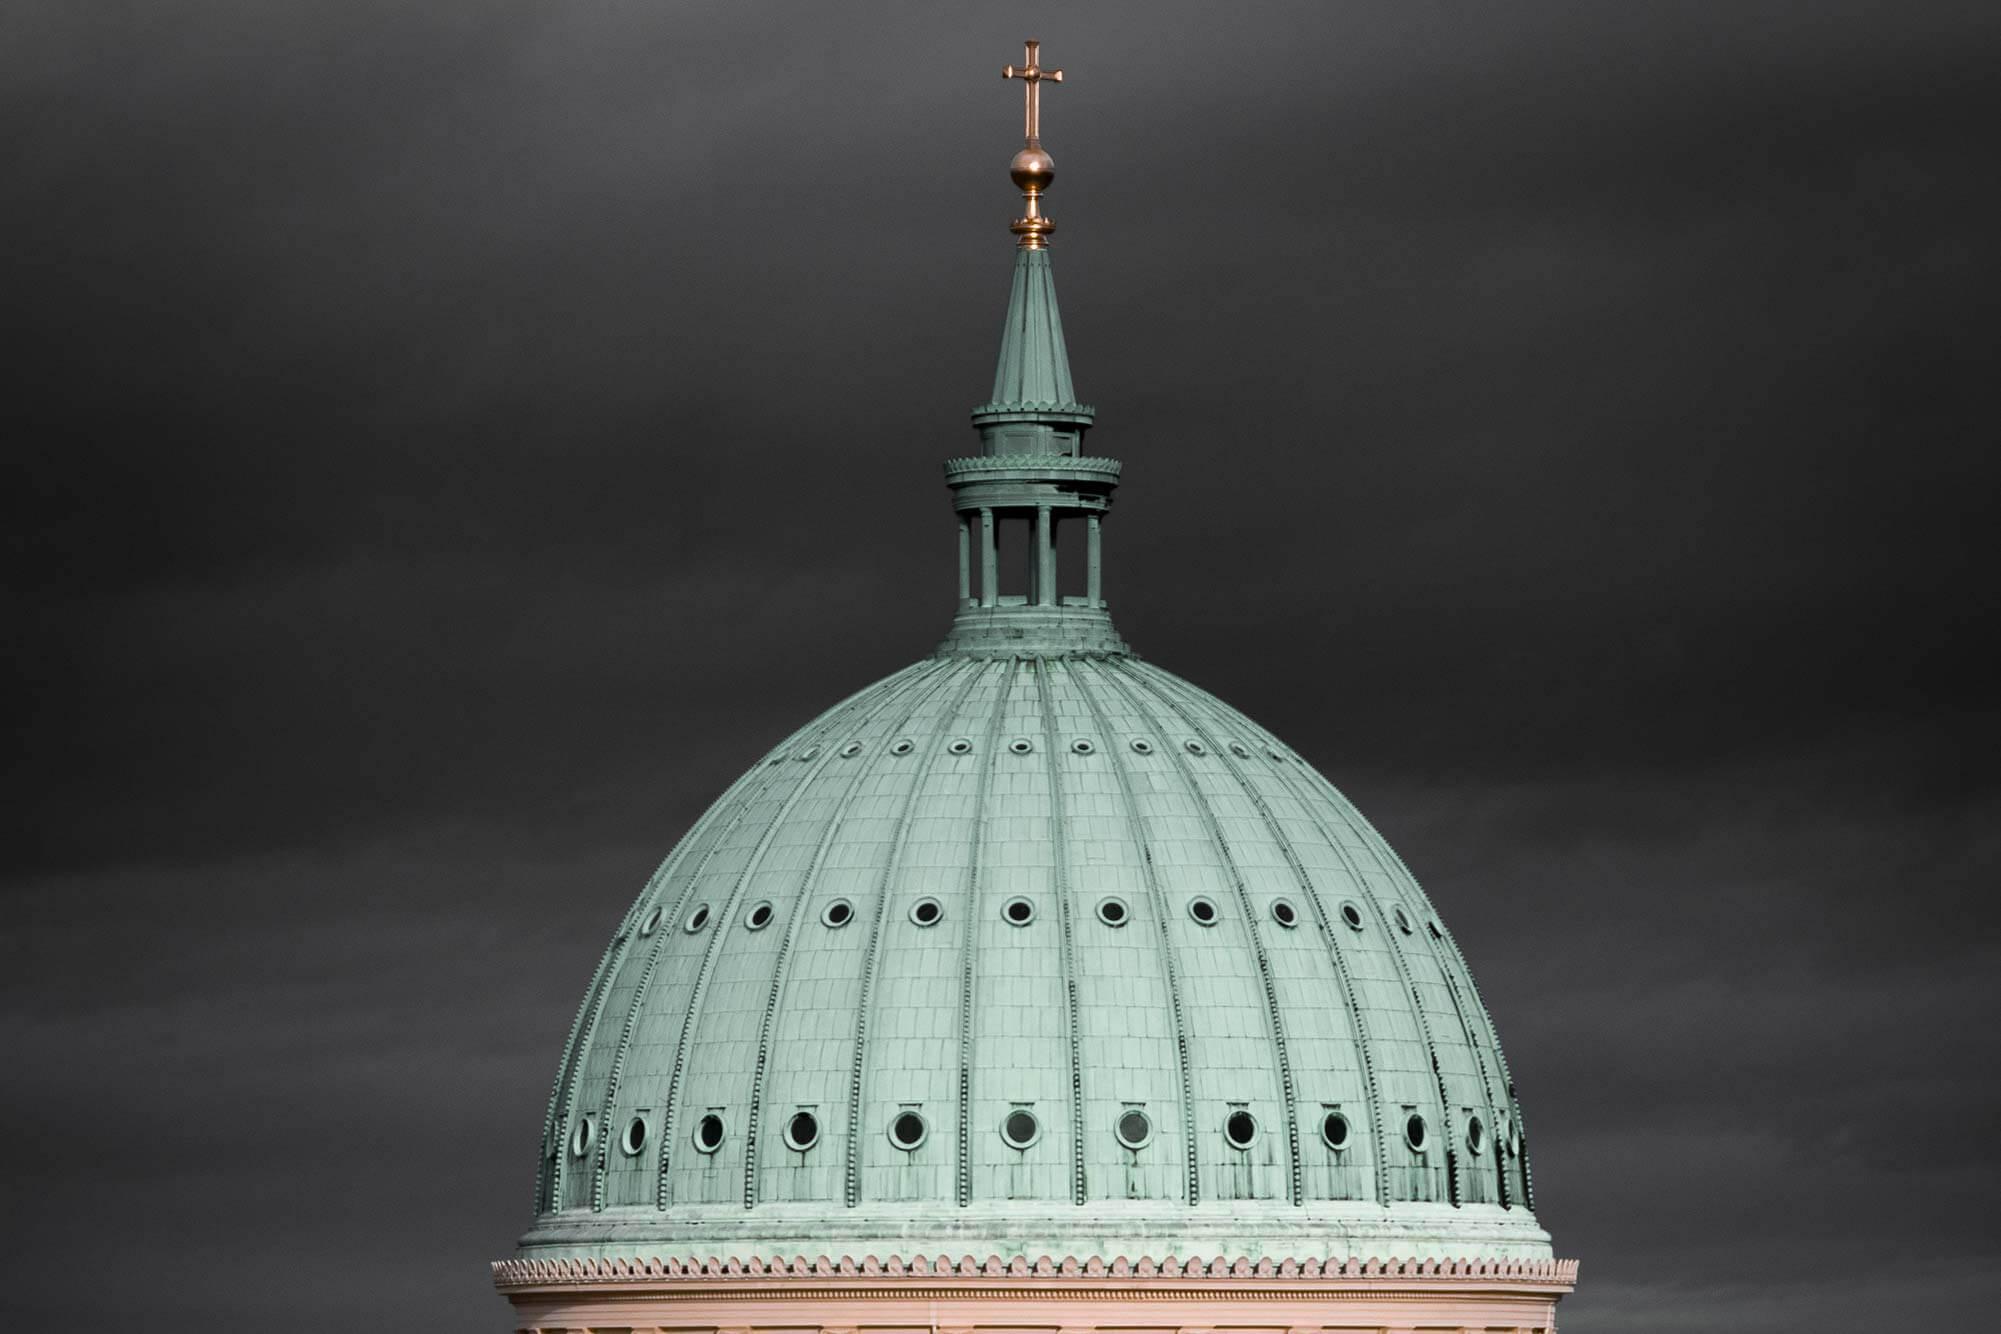 Grauer Himmel über Potsdam